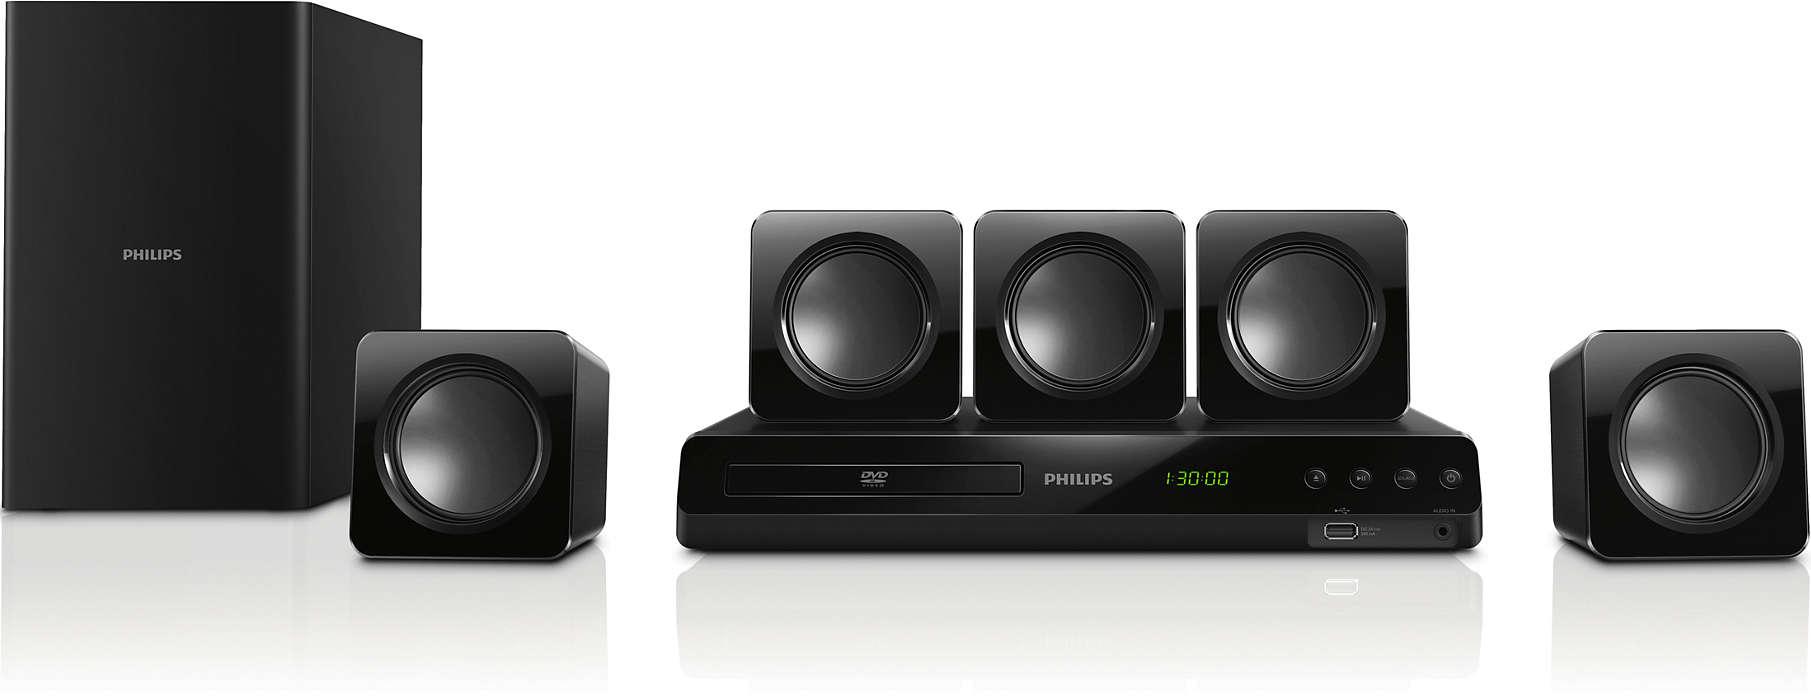 30cd6b79b 300W Powerful cinematic surround sound